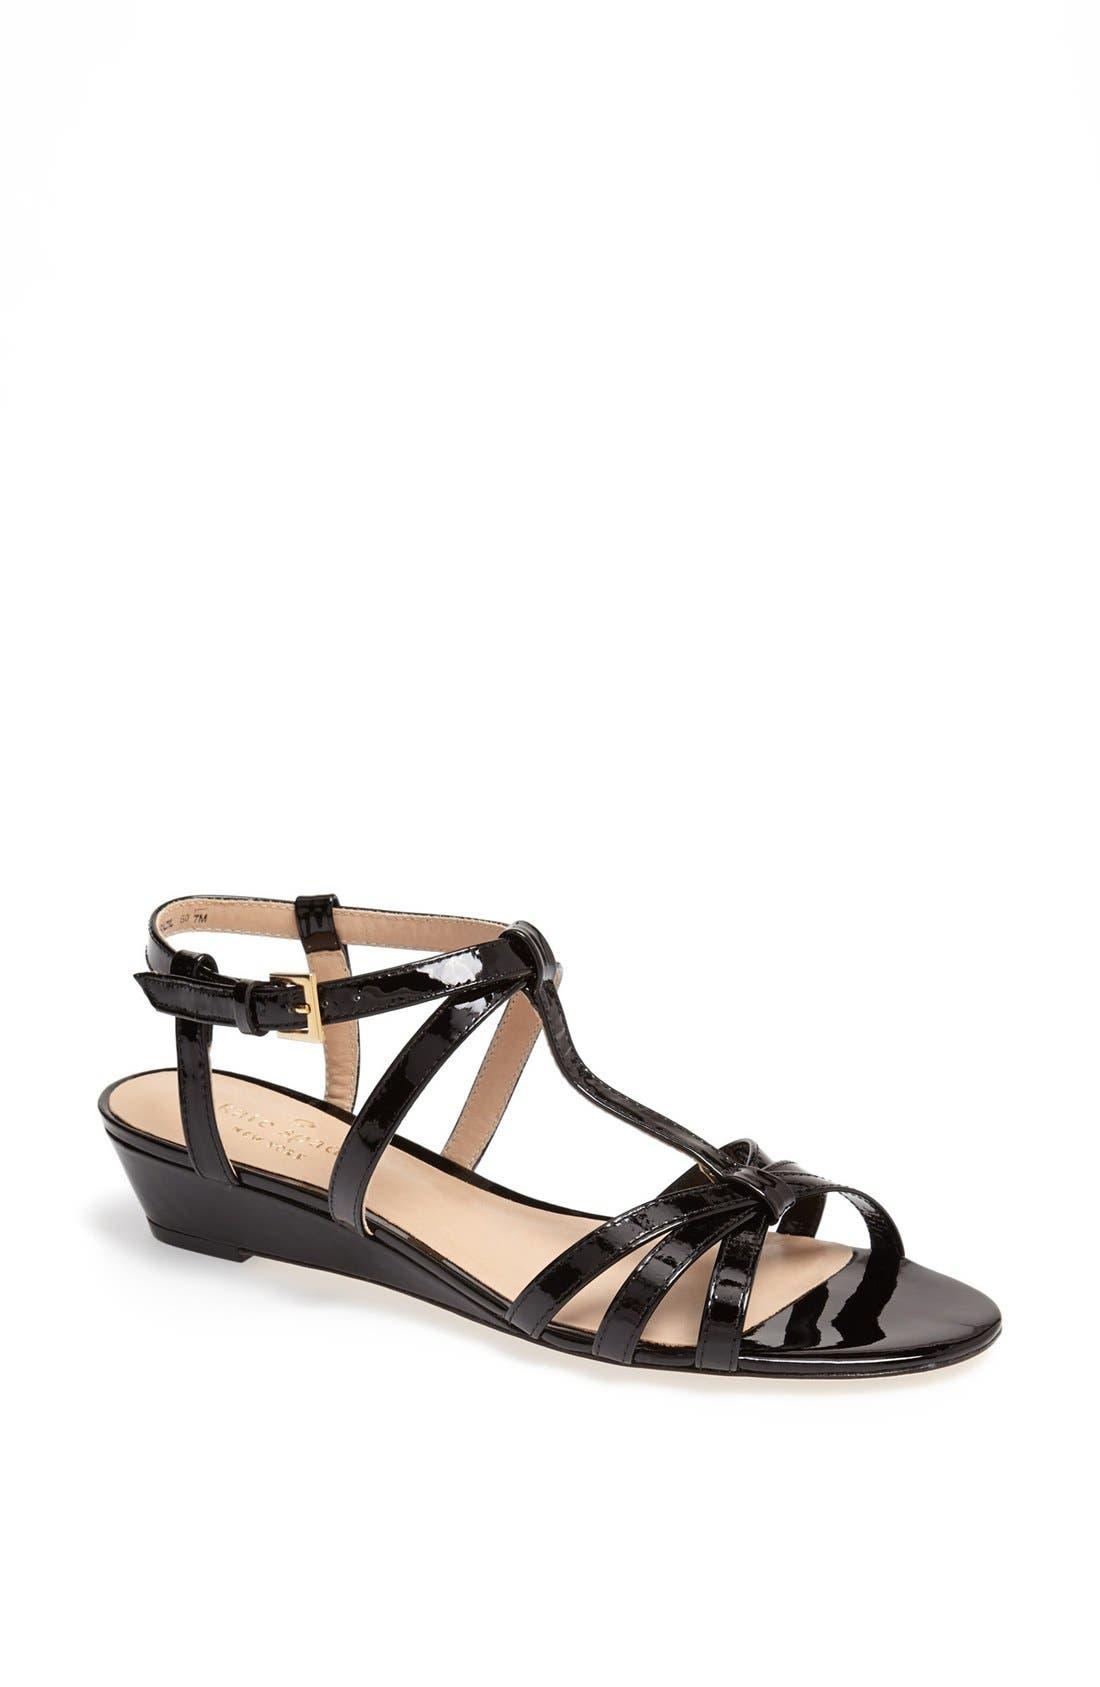 Alternate Image 1 Selected - kate spade new york 'vetta' wedge sandal